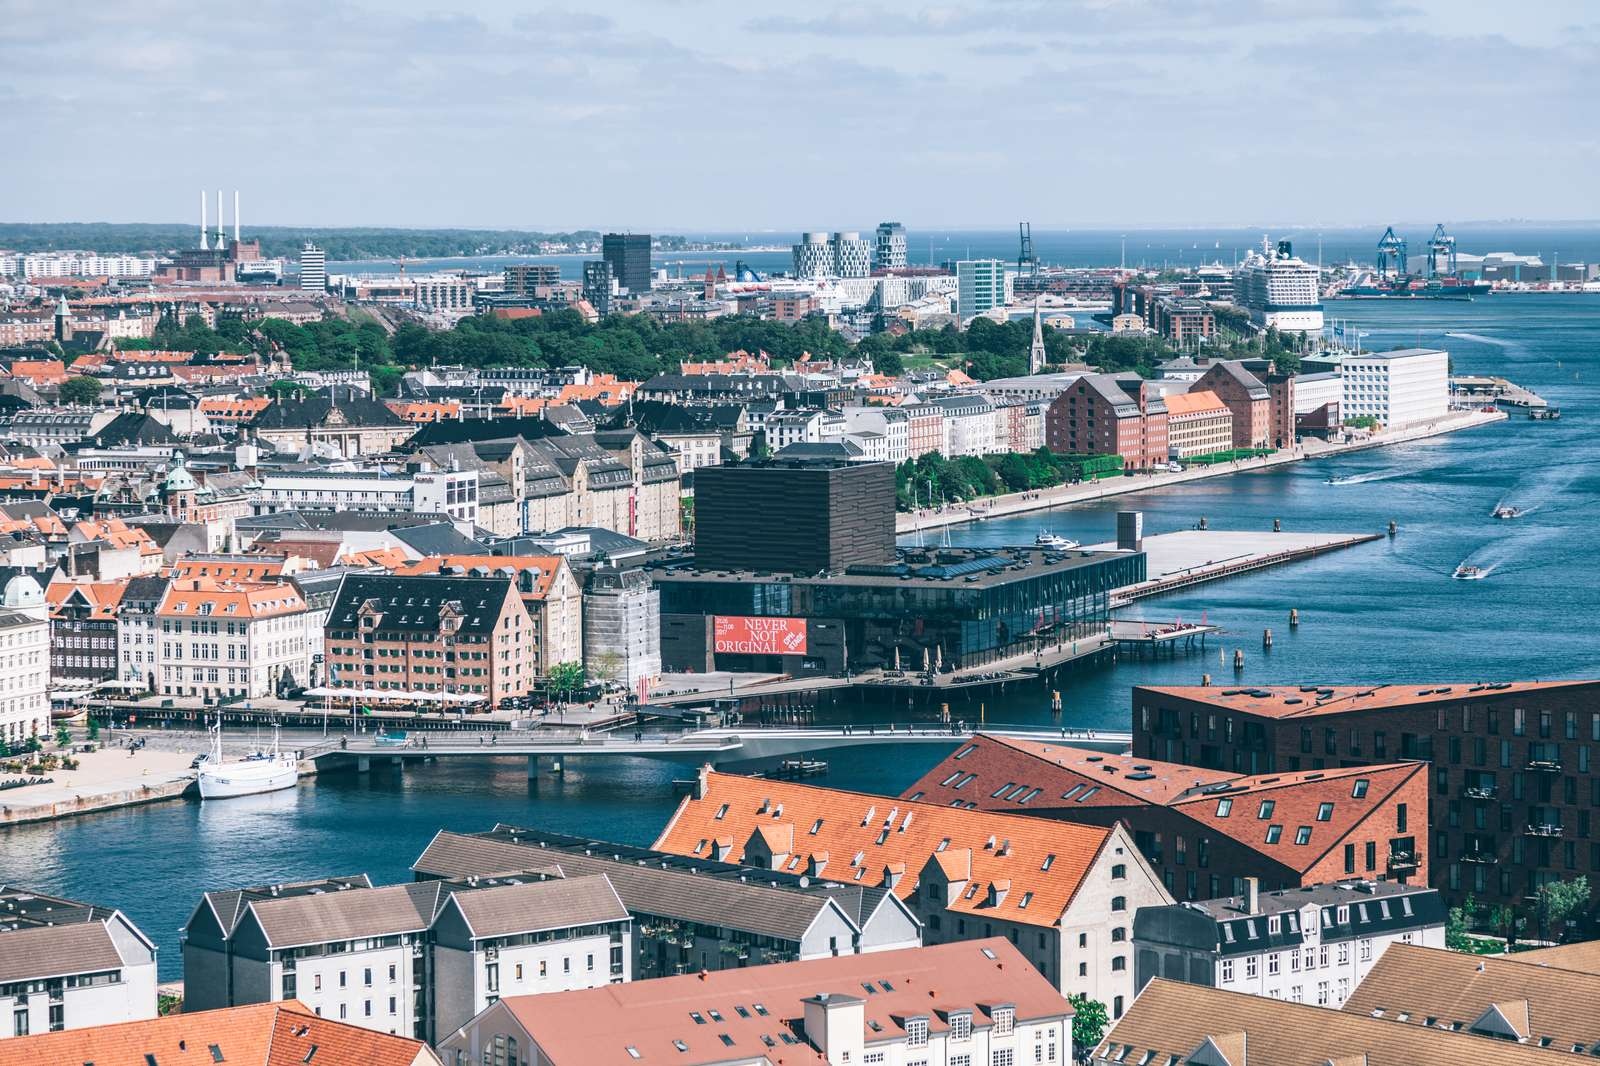 Folketinget har vedtaget lov der skal reducere antallet af danske destinationsselskaber fra de nuværende cirka 80 til 15-25. Med Wonderful Copenhagen har brancheorganisationen Danske Destinationer nu 14 af disse destinationsselskaber. Pressefoto: Wonderful Copenhagen.